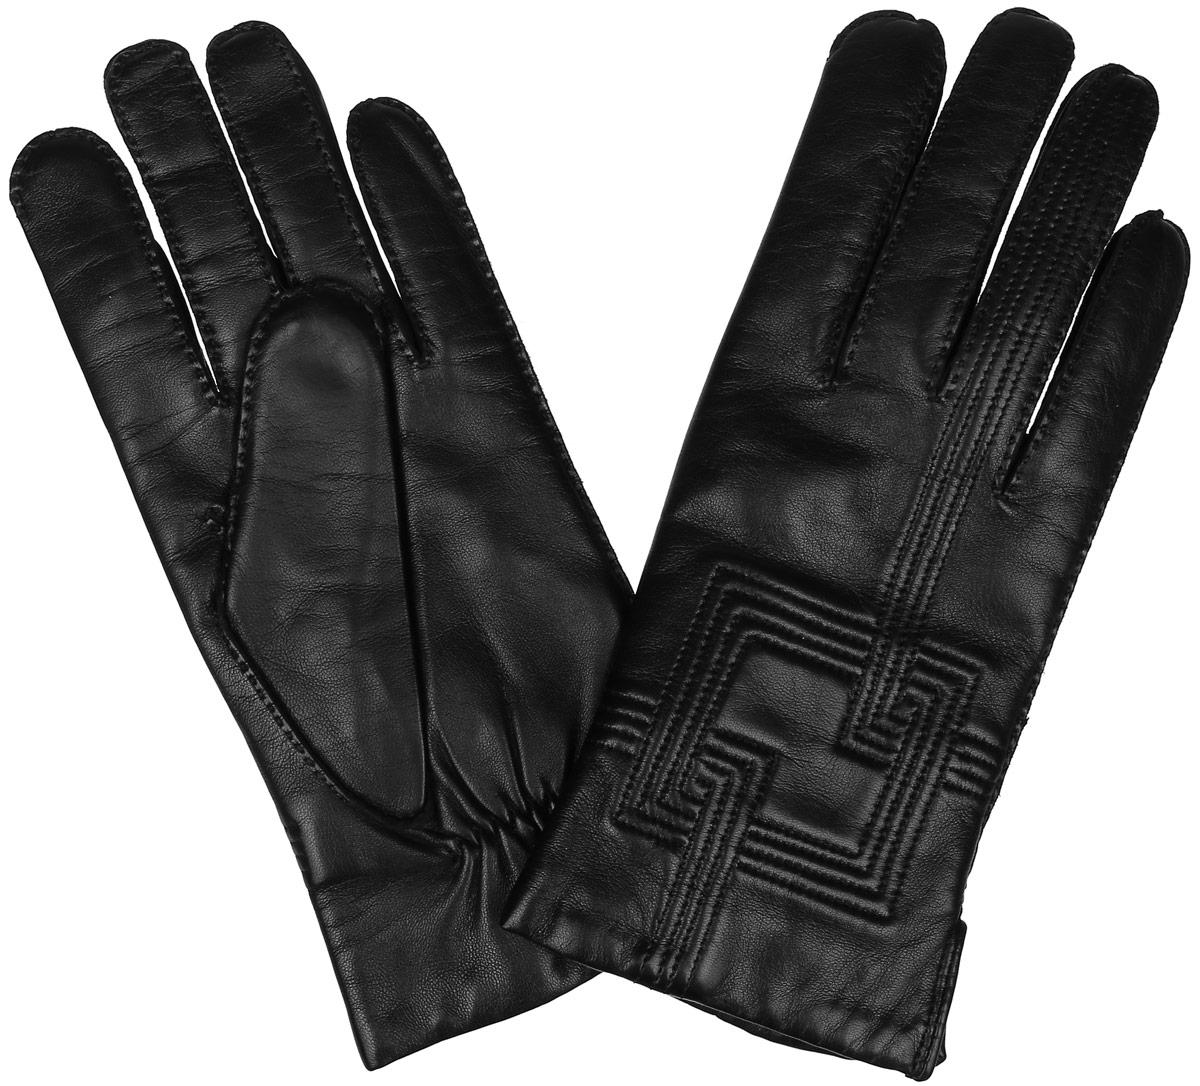 Перчатки мужские. 100_GUCCI100_GUCCI/BL//11Мужские перчатки Dali Exclusive не только защитят ваши руки от холода, но и станут стильным аксессуаром. Перчатки выполнены из мягкой и приятной на ощупь натуральной кожи ягненка, подкладка - из 100% шерсти. Манжеты дополнены боковыми разрезами и с тыльной стороны присборены на резинку для лучшего прилегания к запястью. Оформлено изделие декоративной фигурной прострочкой. Перчатки станут завершающим и подчеркивающим элементом вашего неповторимого стиля и индивидуальности.